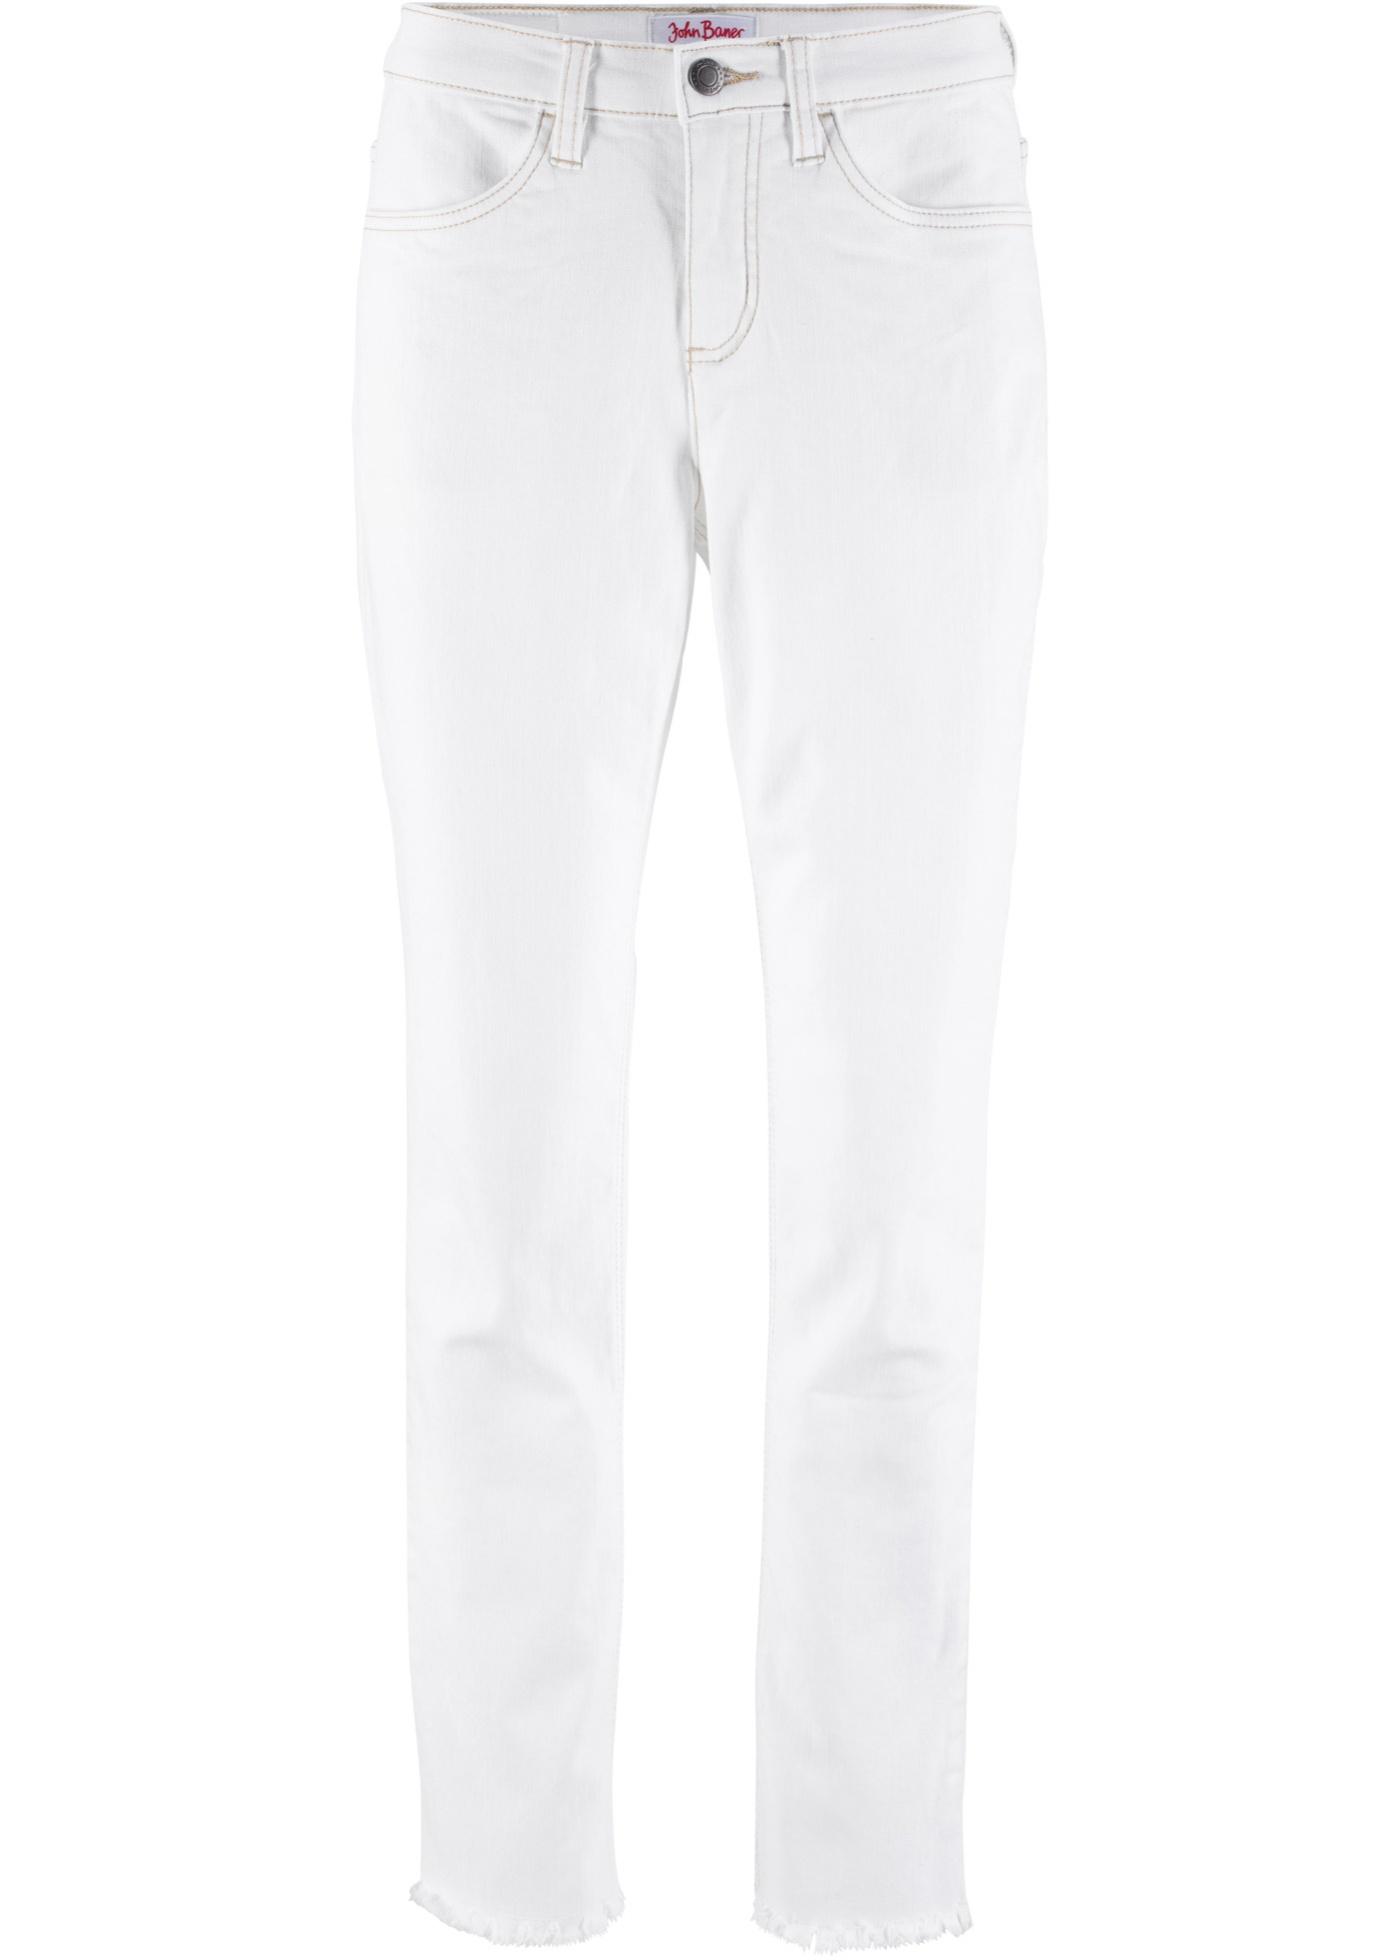 Extensible Authentique Femme Classic 8 Pour BonprixJean Jeanswear Blanc John 7 Baner cjAq4L3R5